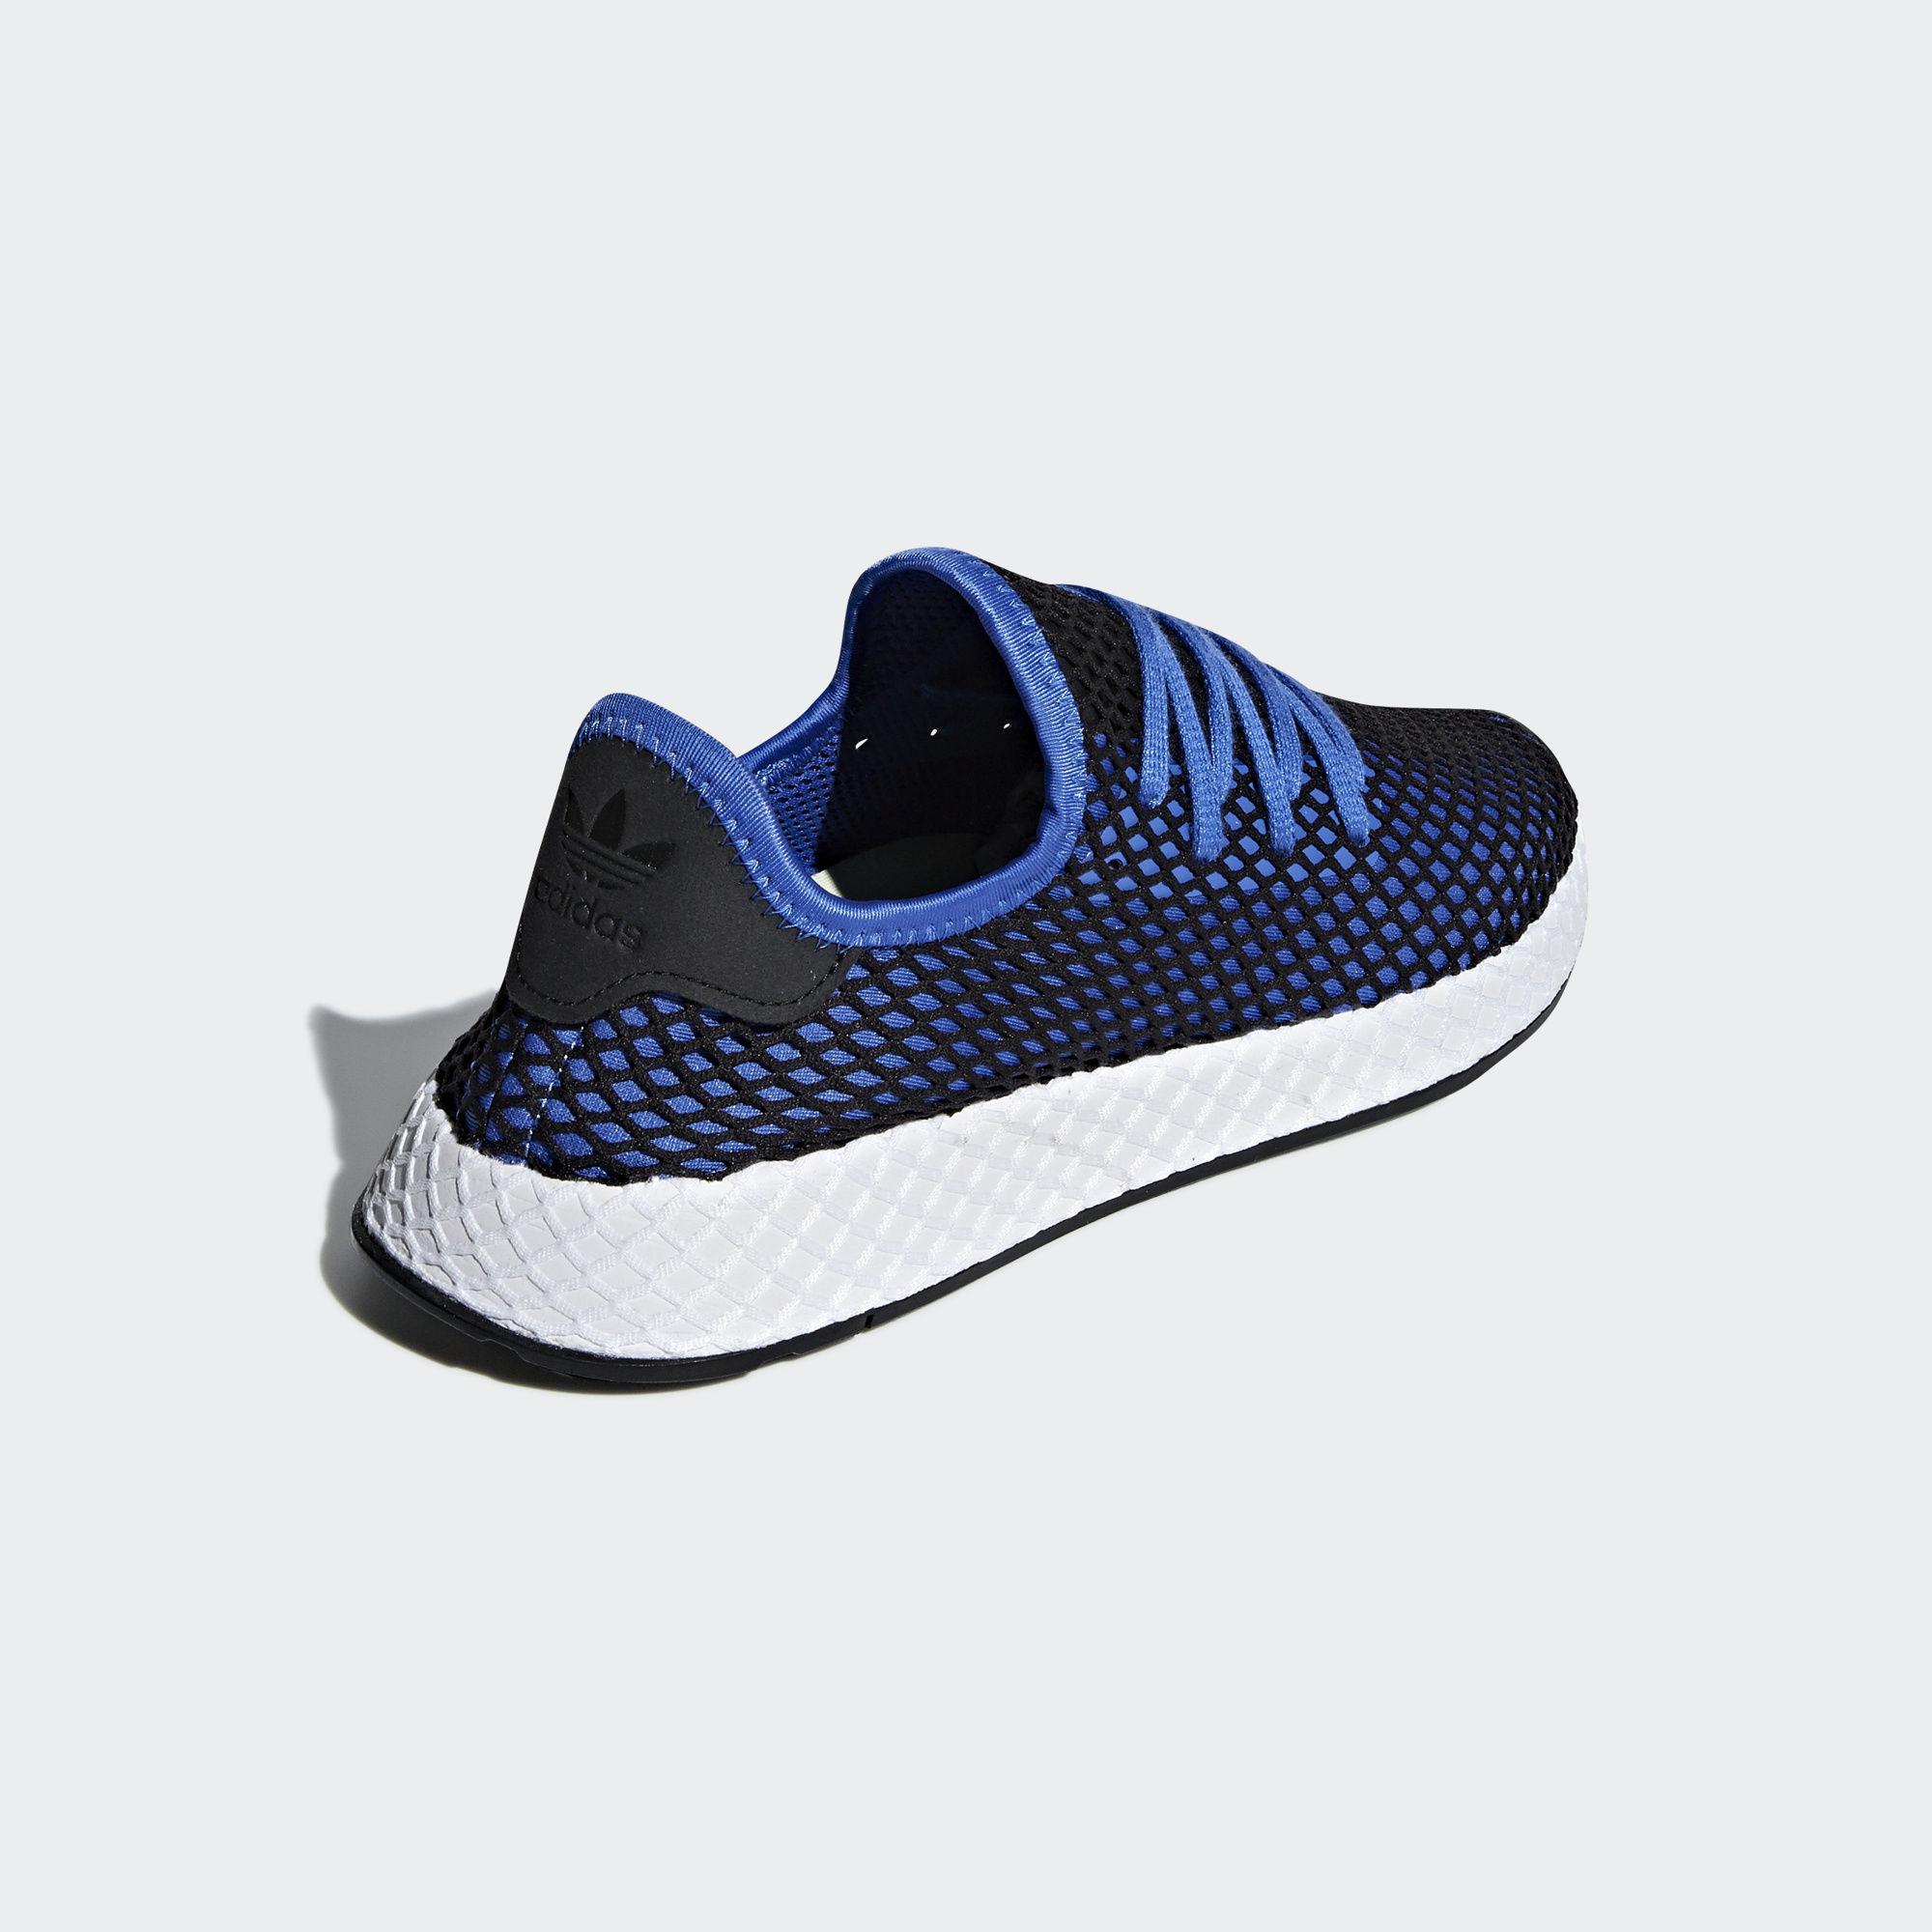 Adidas Deerupt Runner Hi-Res Blue / Hi-Res Blue / Core Black (B41764)